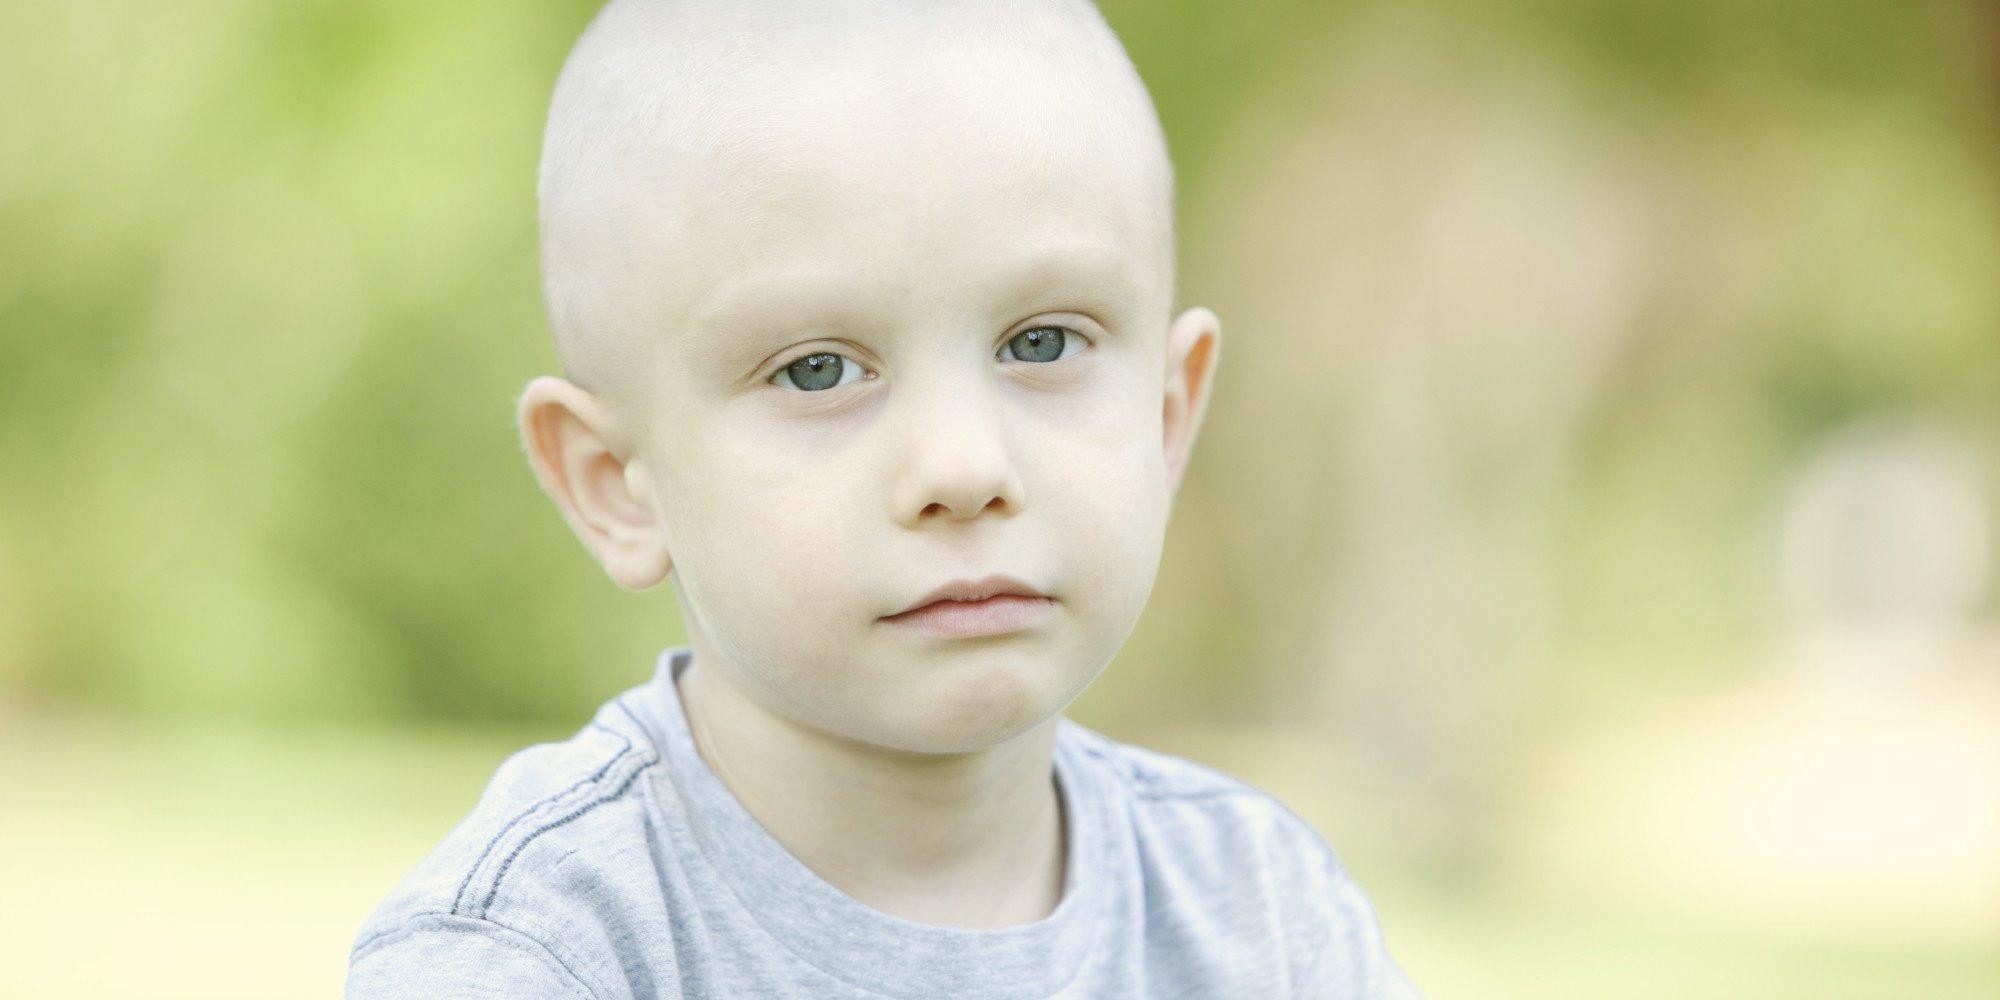 Фото 40 летние раком 13 фотография